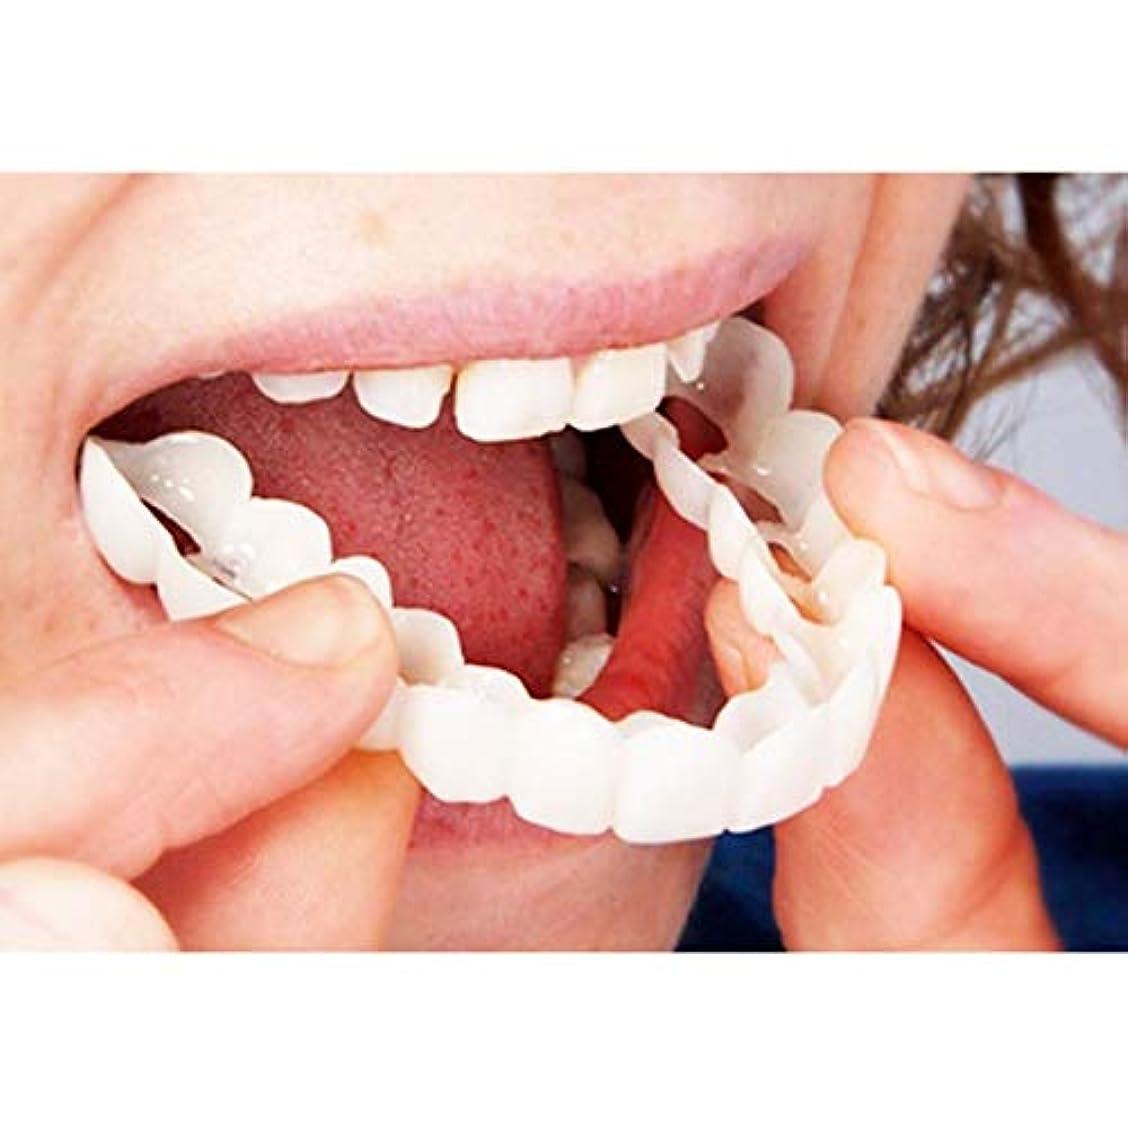 シェトランド諸島開発する参照BSTOPSEL 1PC 一時的な歯の義歯の歯の上の化粧品の歯科ベニヤの歯の入れ歯